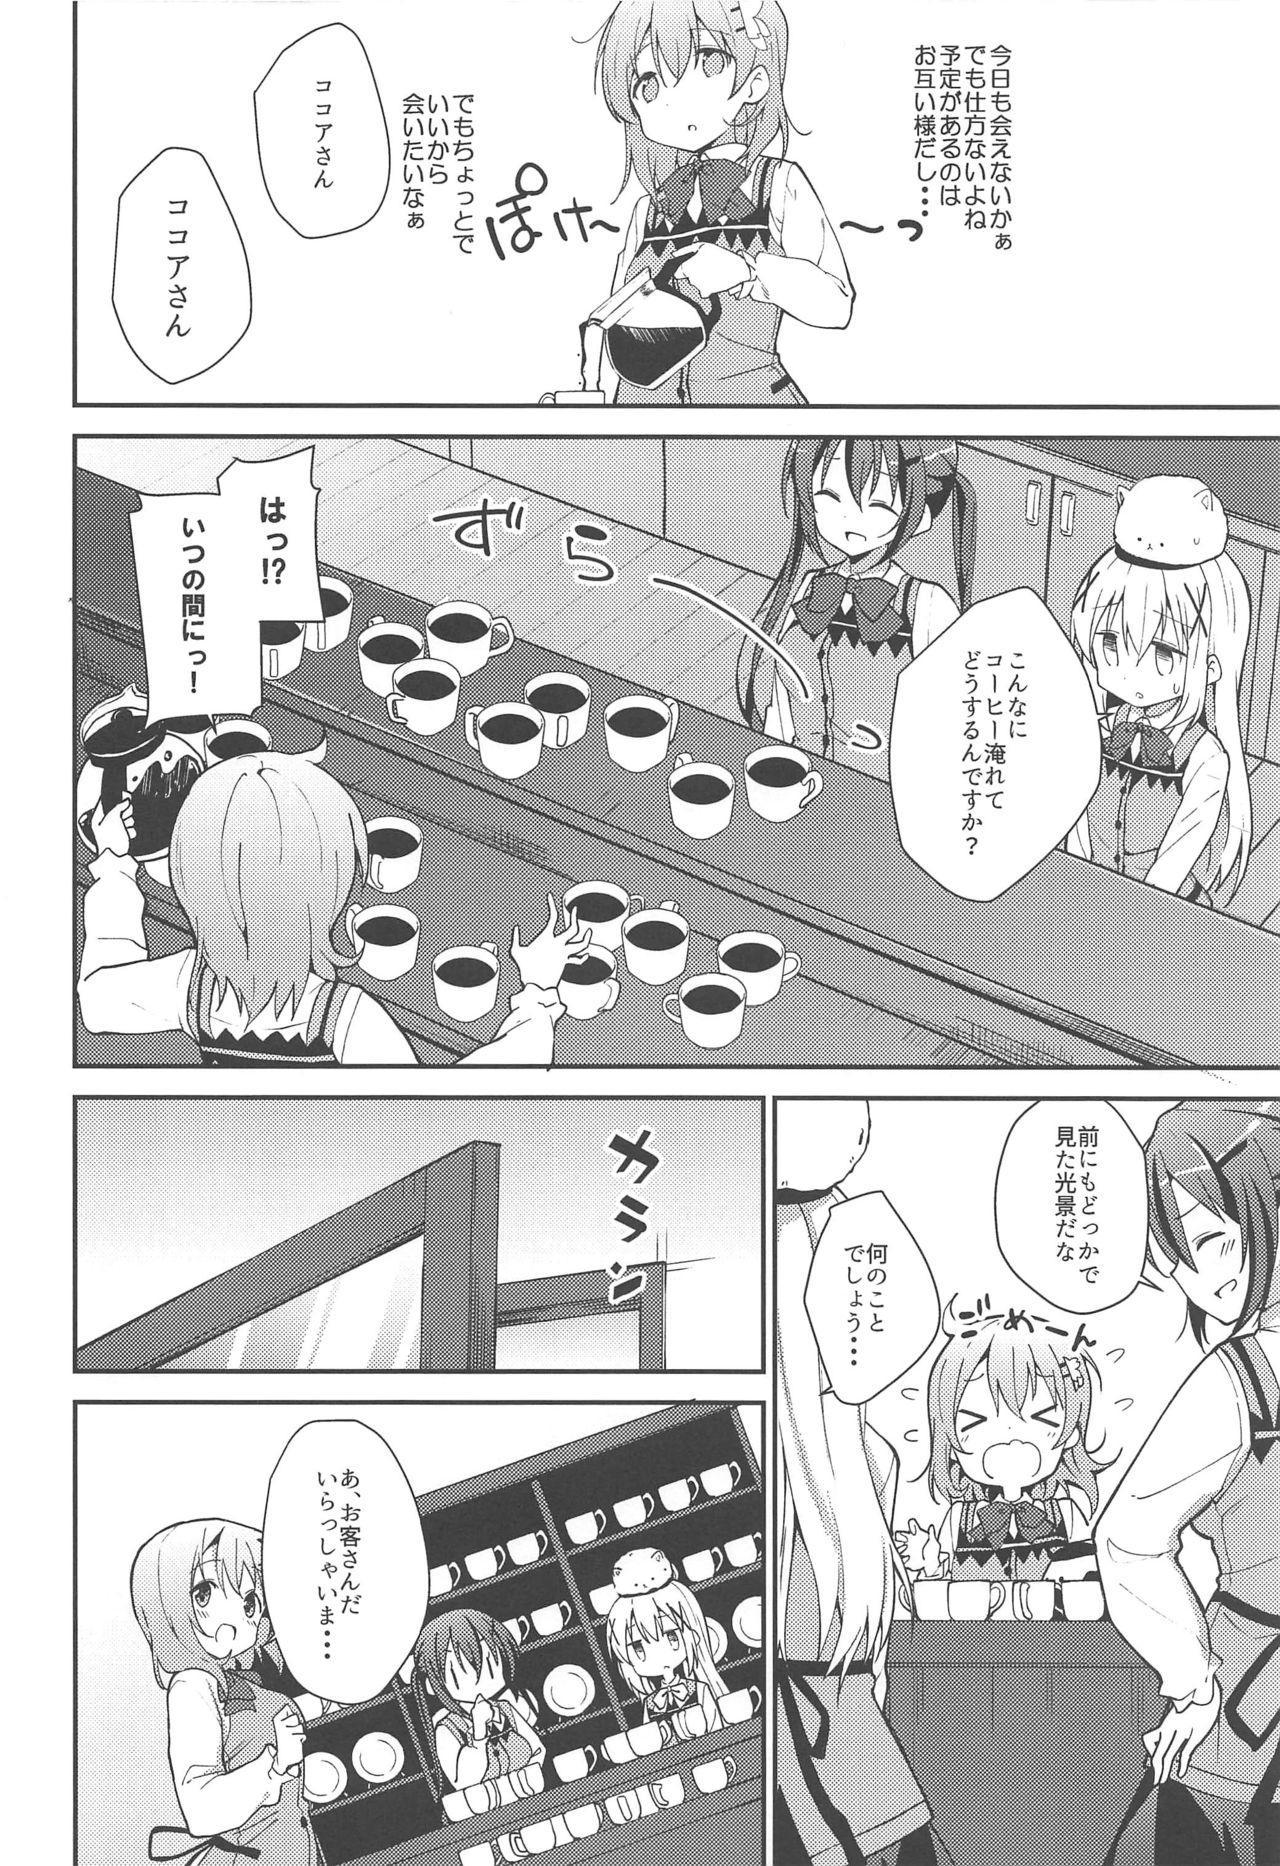 Attakai Kokoa wa Ikaga desu ka? - How about warm cocoa? 4